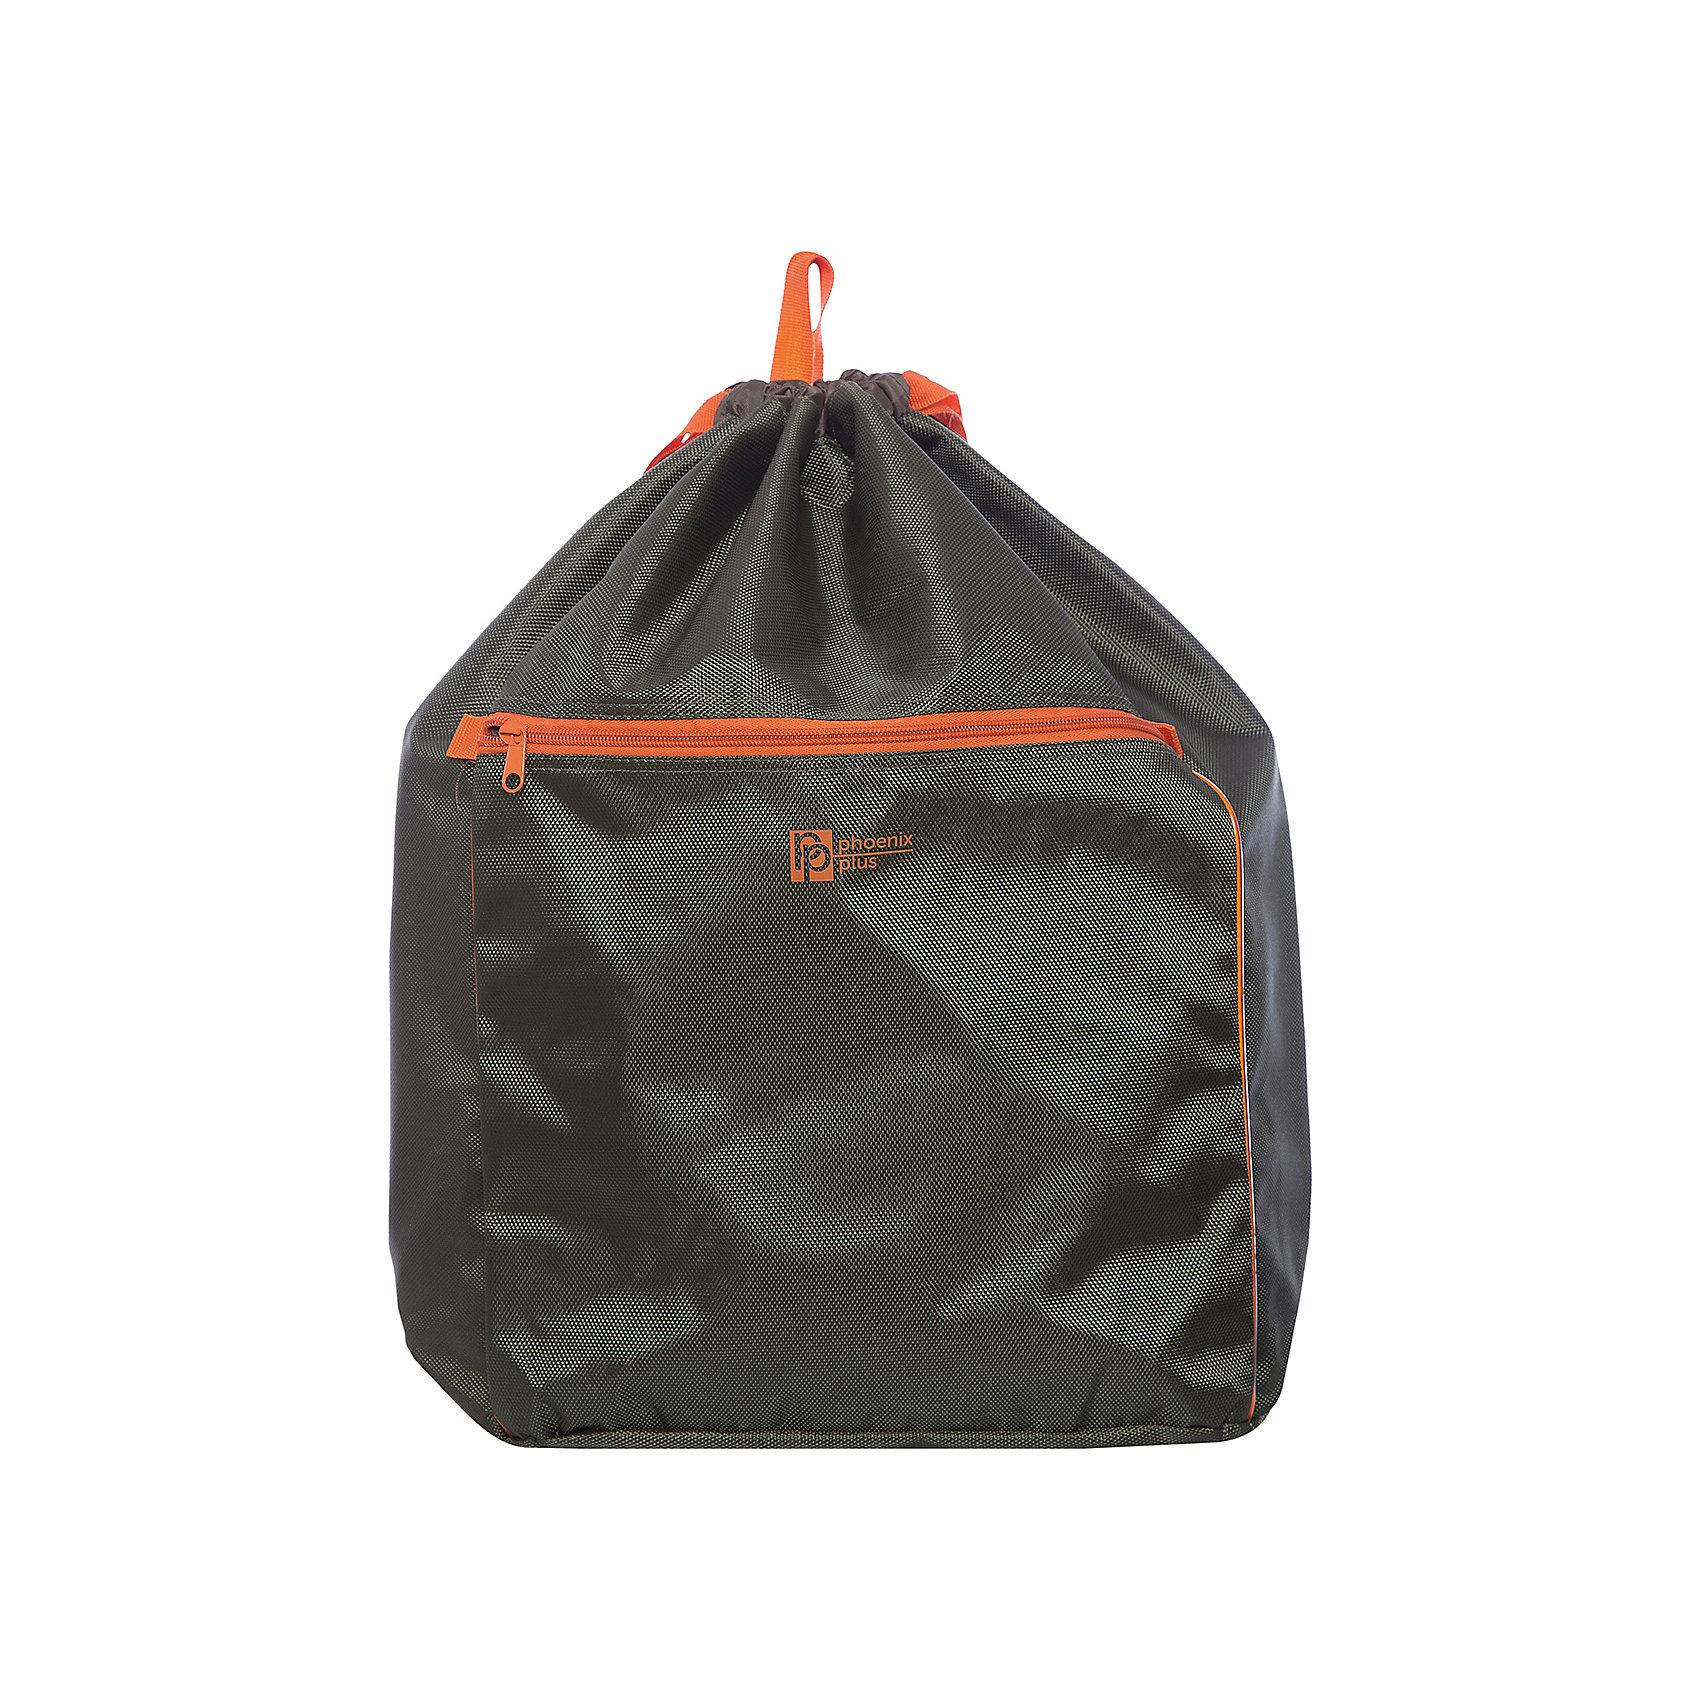 Рюкзак-мешок Феникс+, зеленыйРюкзаки<br>Рюкзак-мешок ЗЕЛЕНЫЙ (52х34х22см, полиэстер-жаккард плотн. 1680D, объемный карман на молнии, цв. фотоотраж. эл-ты, ручка-петля, плотные лямки)<br><br>Ширина мм: 520<br>Глубина мм: 340<br>Высота мм: 22<br>Вес г: 275<br>Возраст от месяцев: 72<br>Возраст до месяцев: 2147483647<br>Пол: Унисекс<br>Возраст: Детский<br>SKU: 7046437